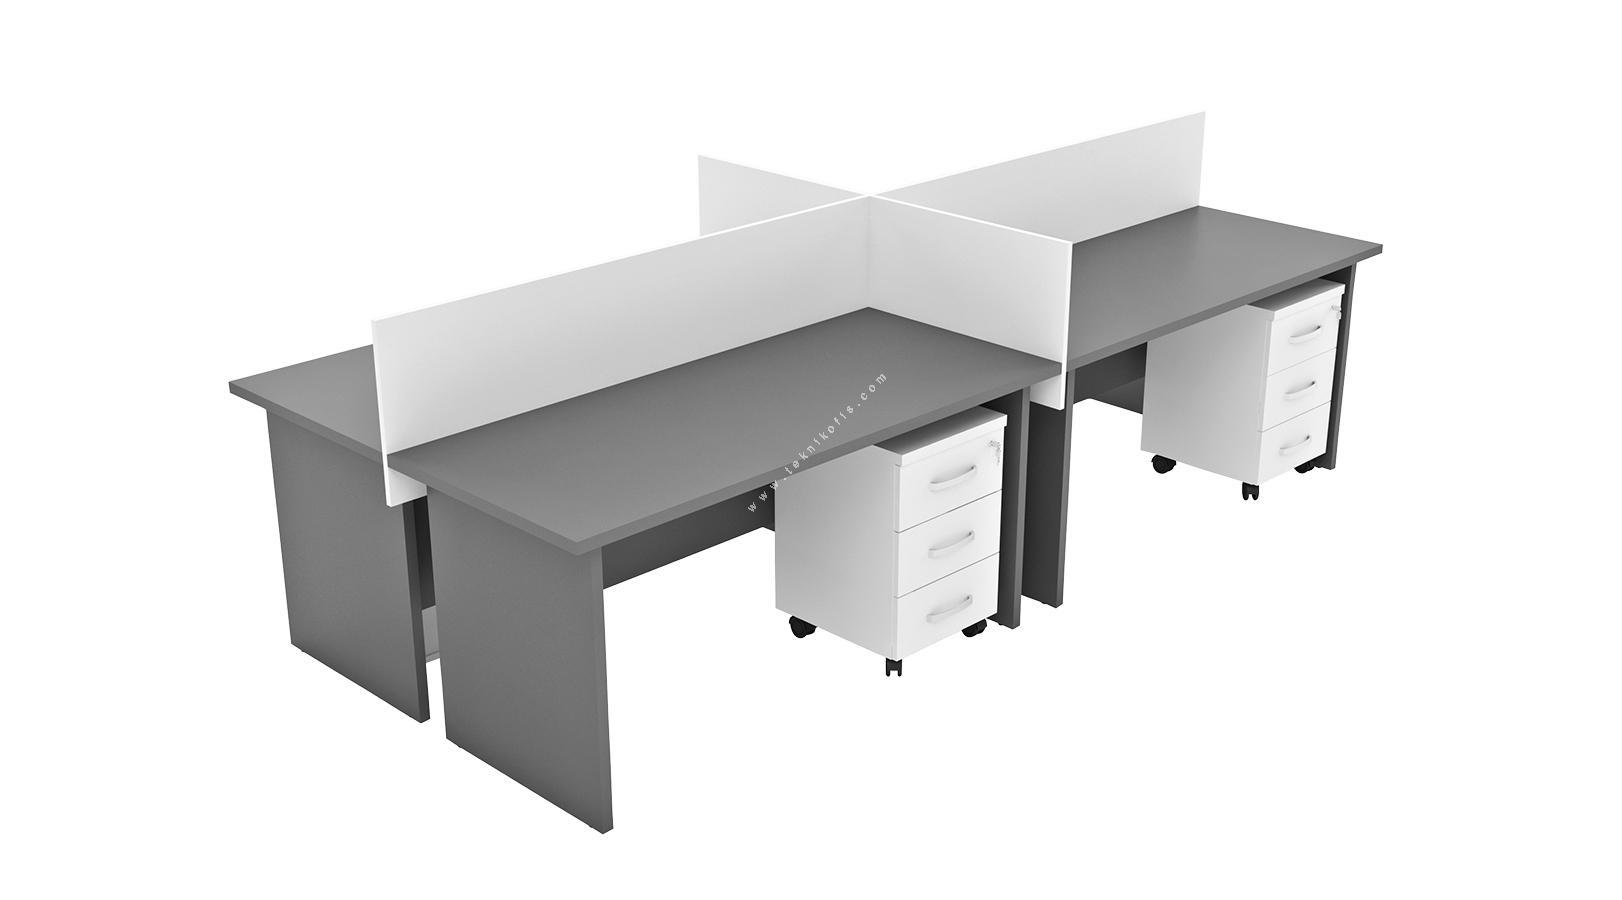 hegamonwork dörtlü workstation 280cm